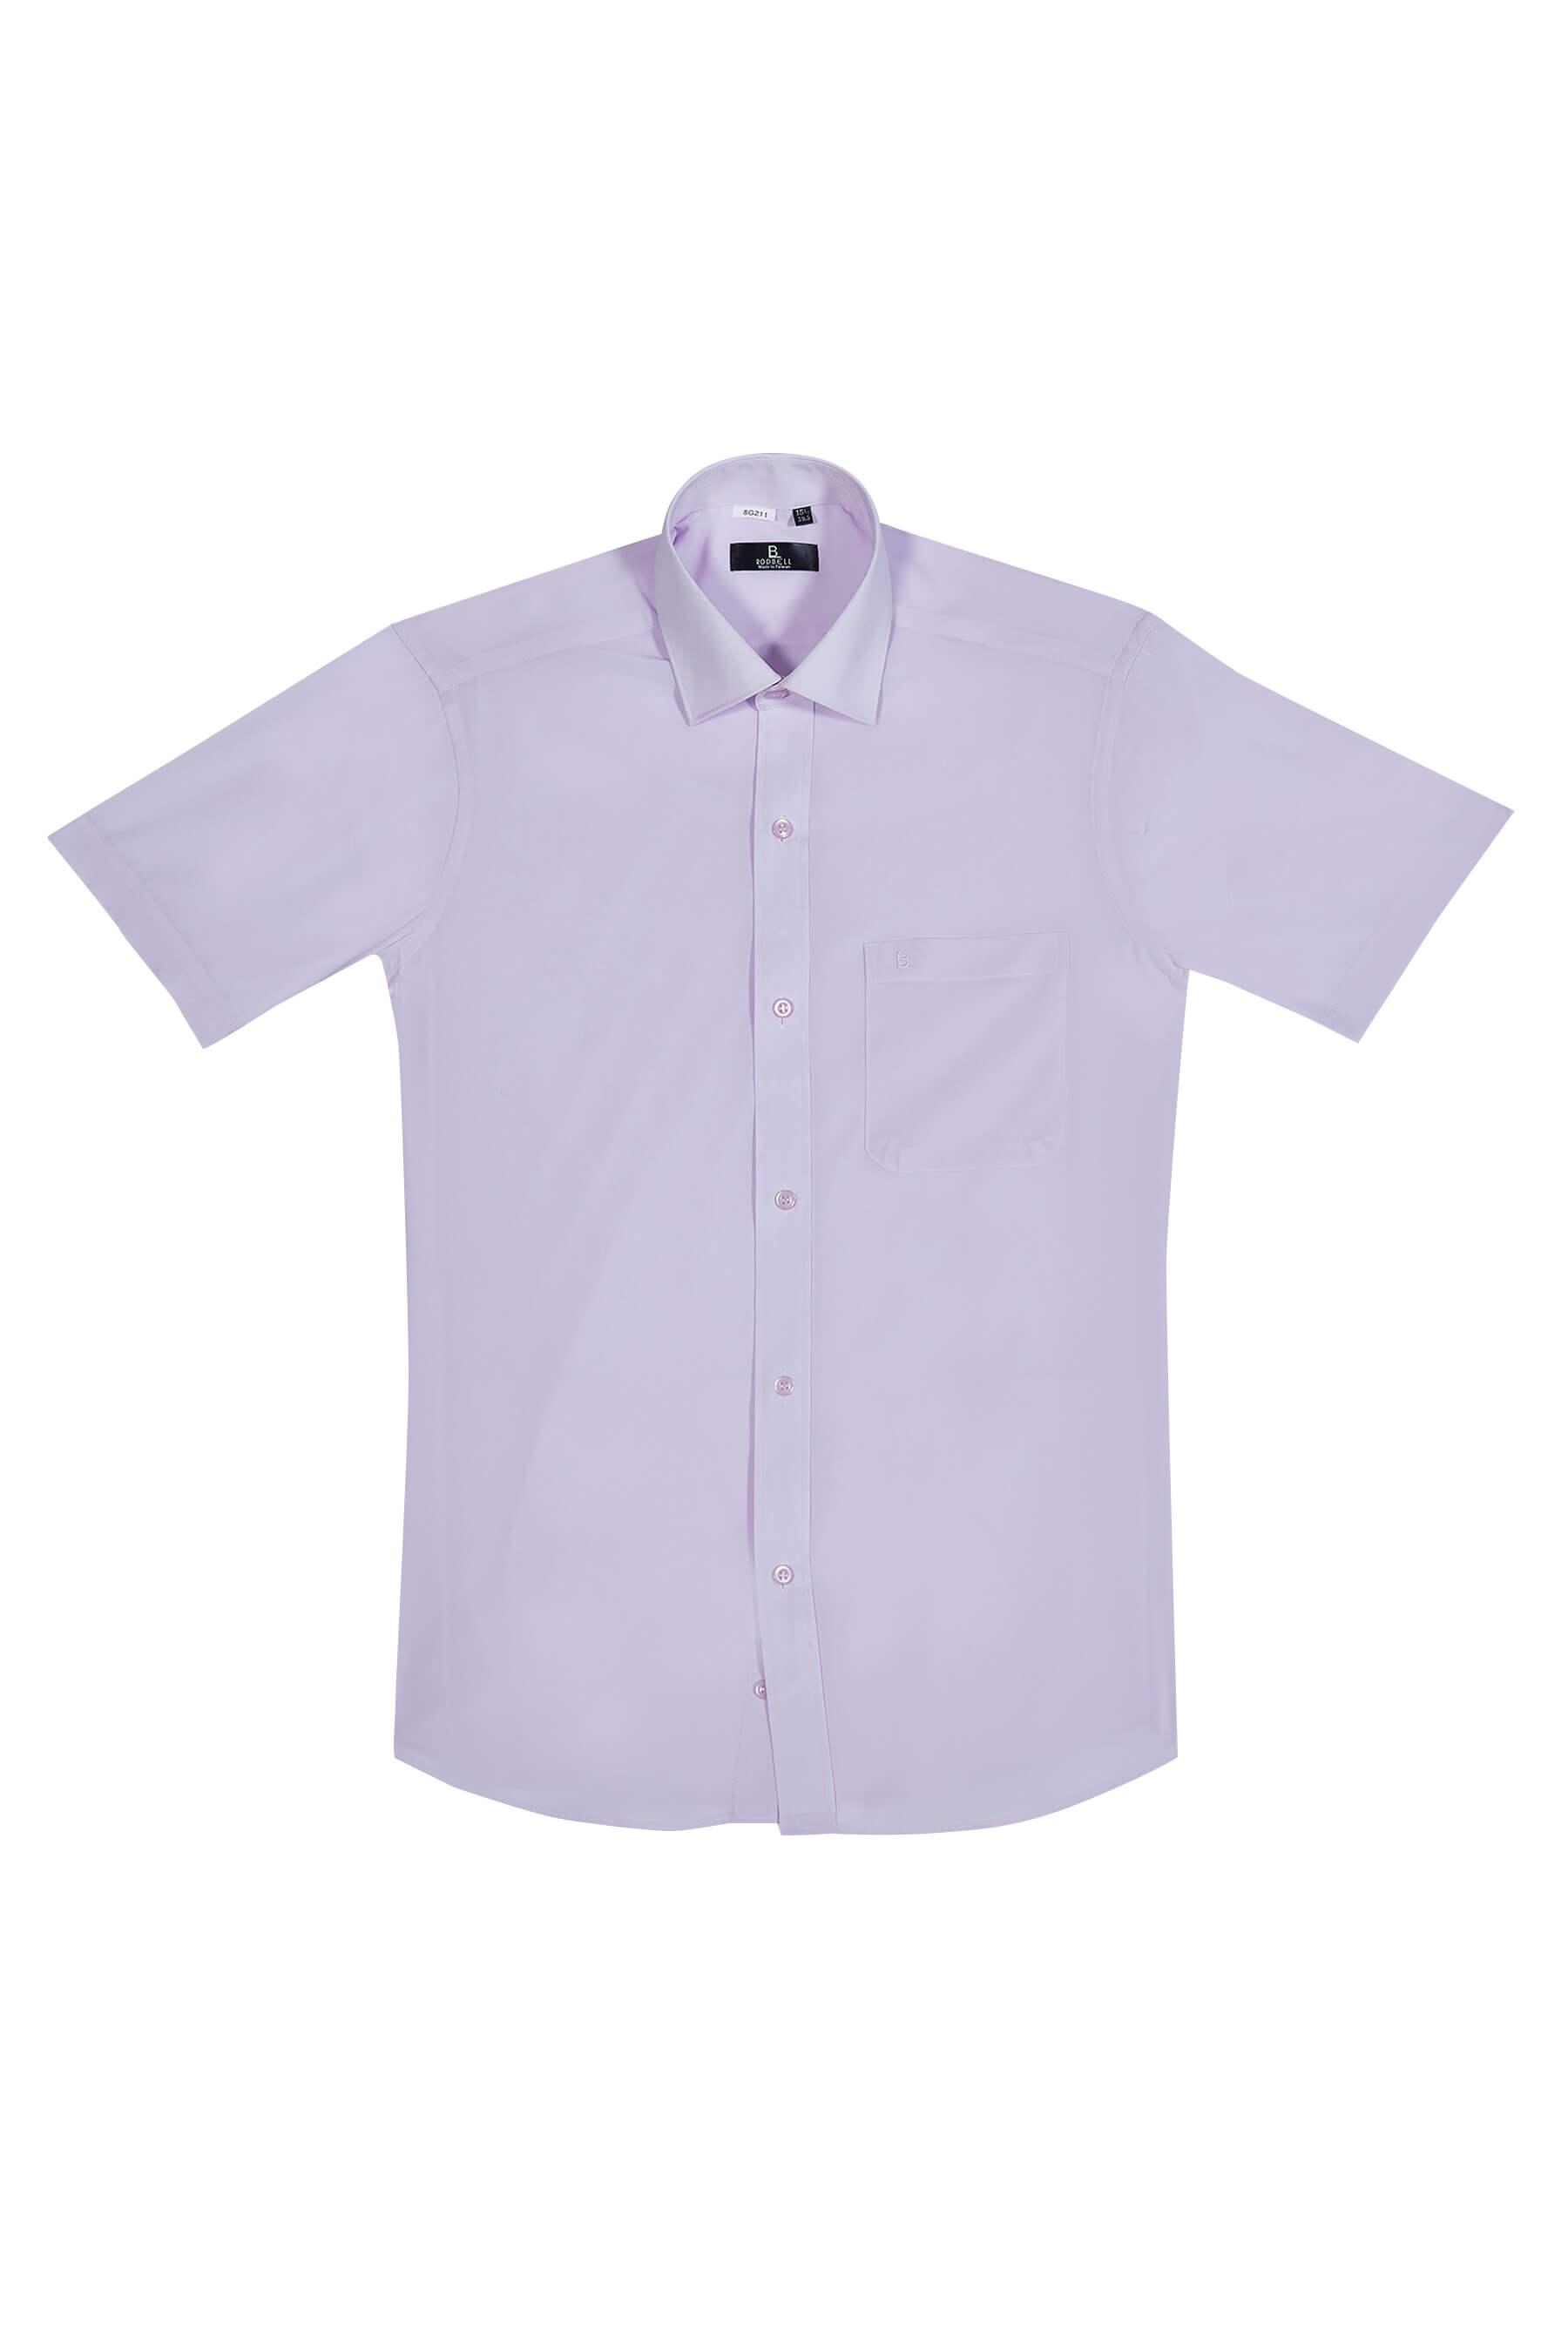 粉色素面短袖襯衫/抗皺 透氣